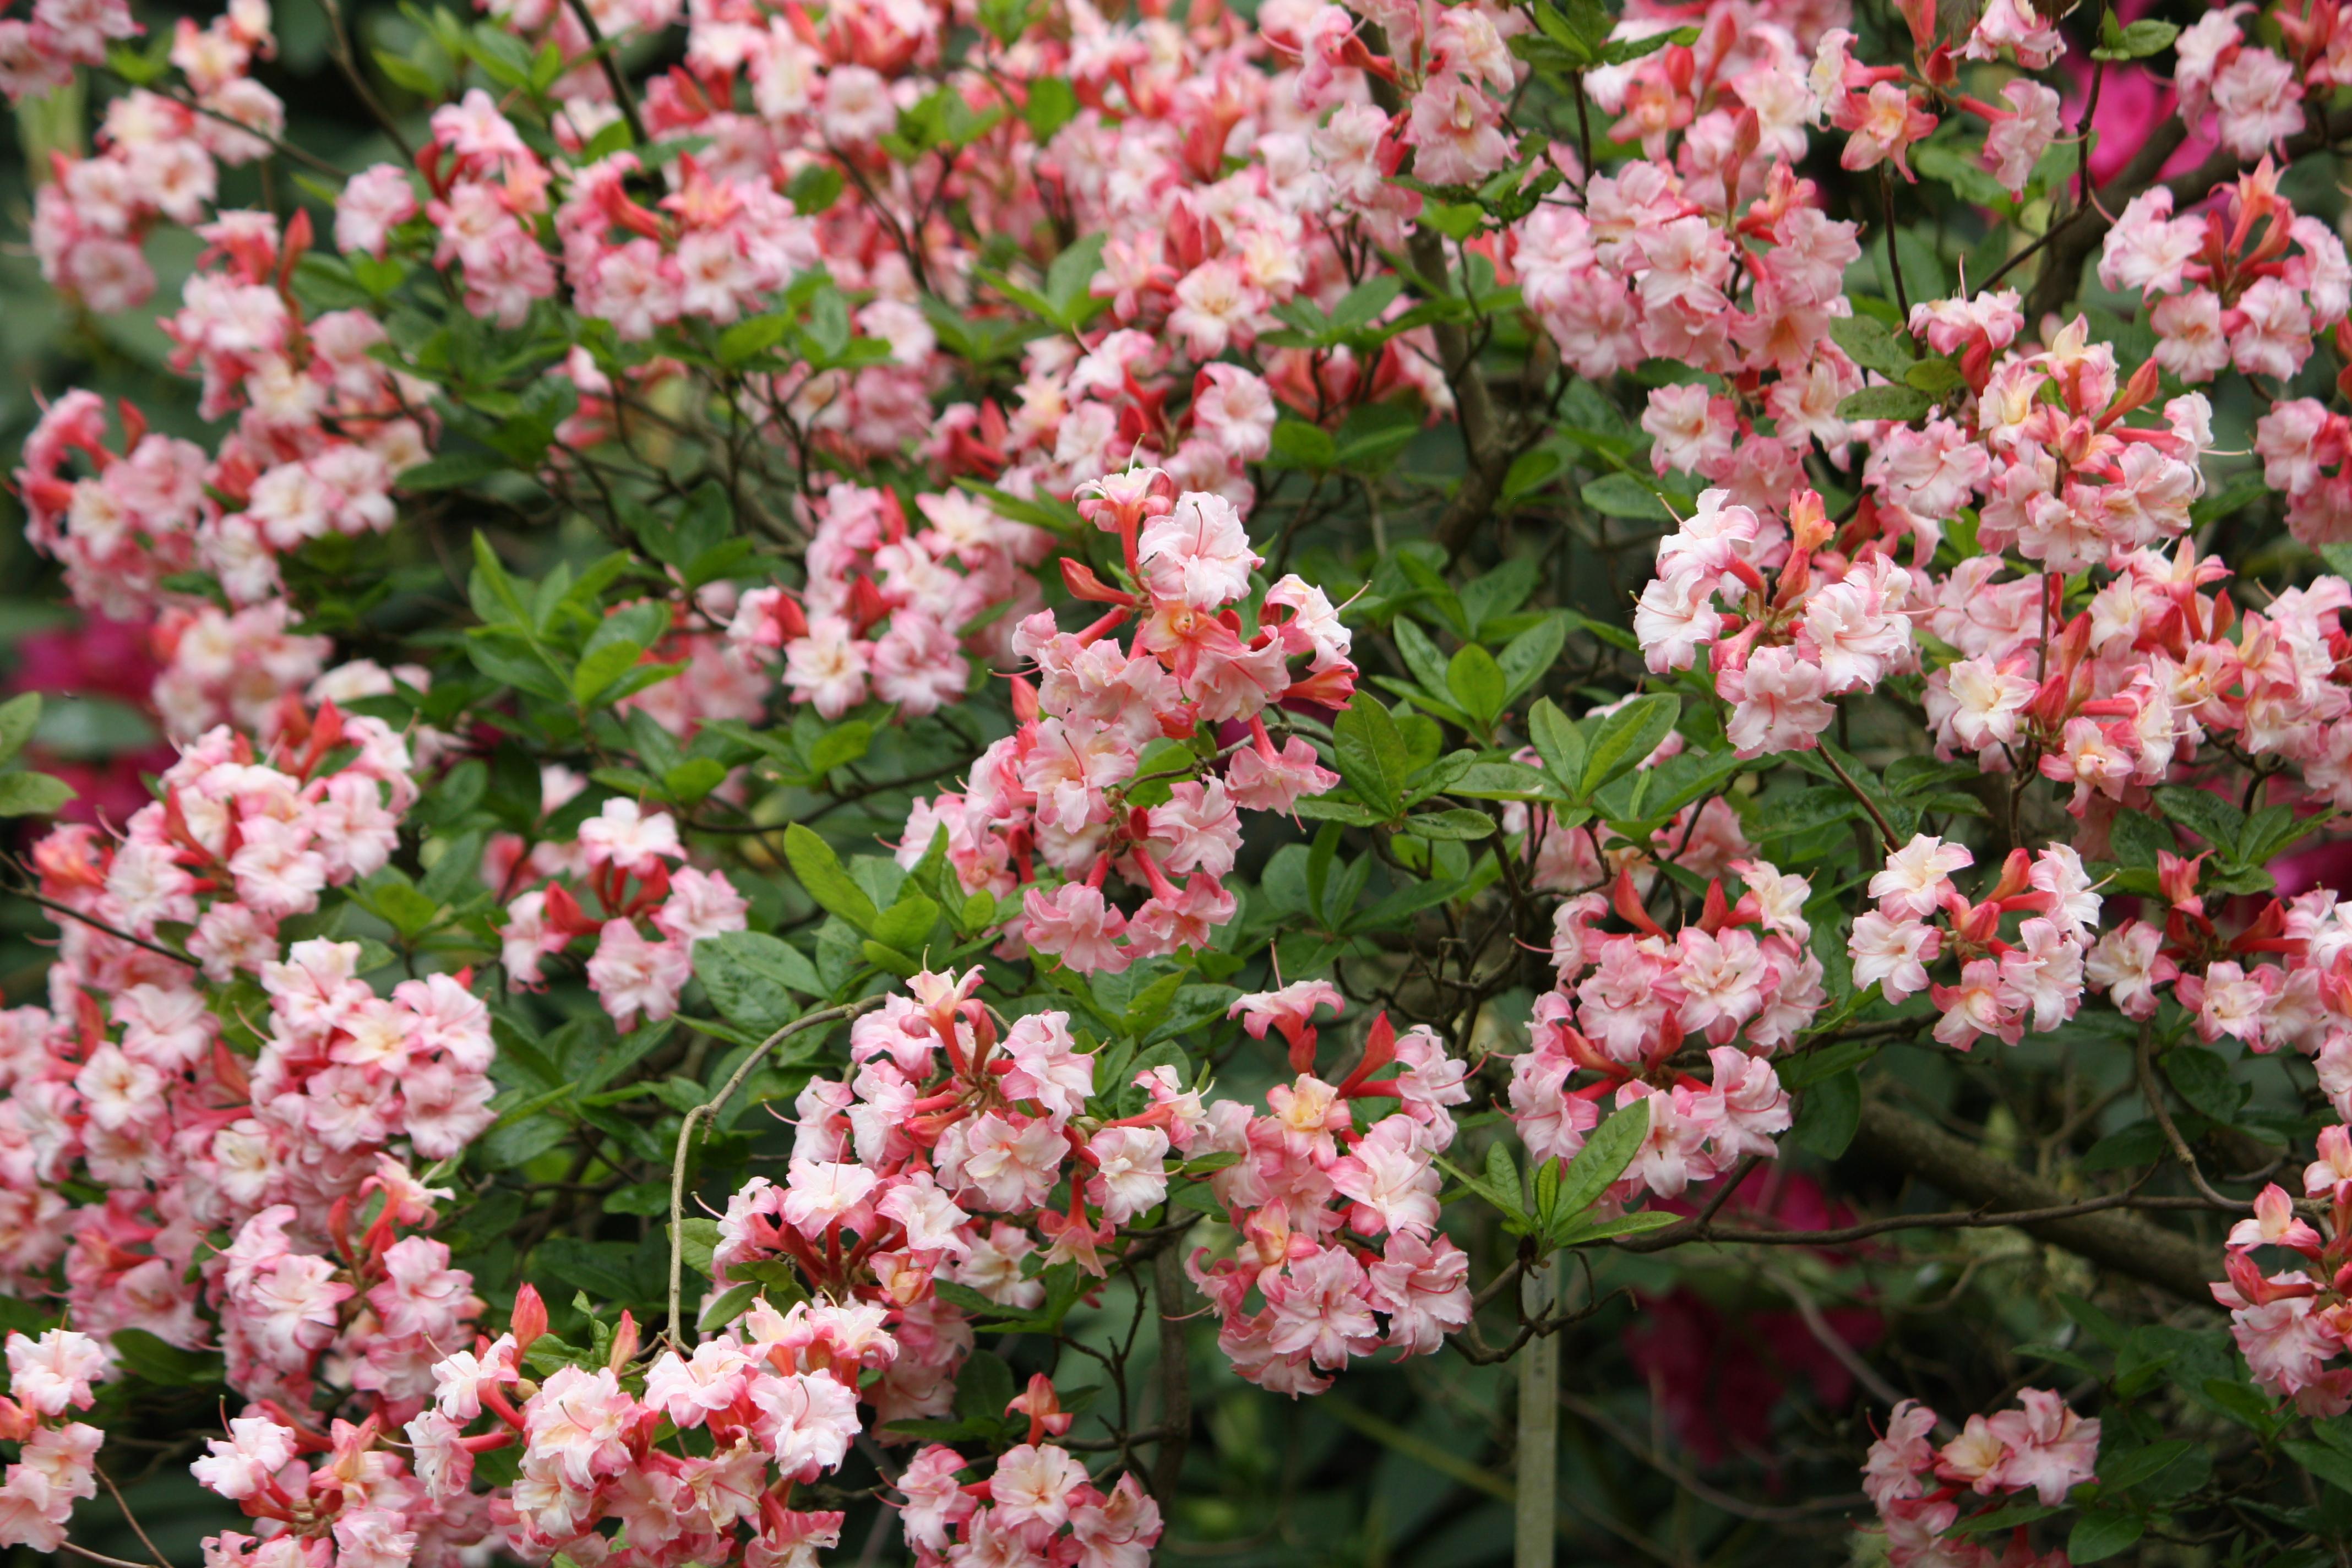 Names Of Pink Flowering Shrubs